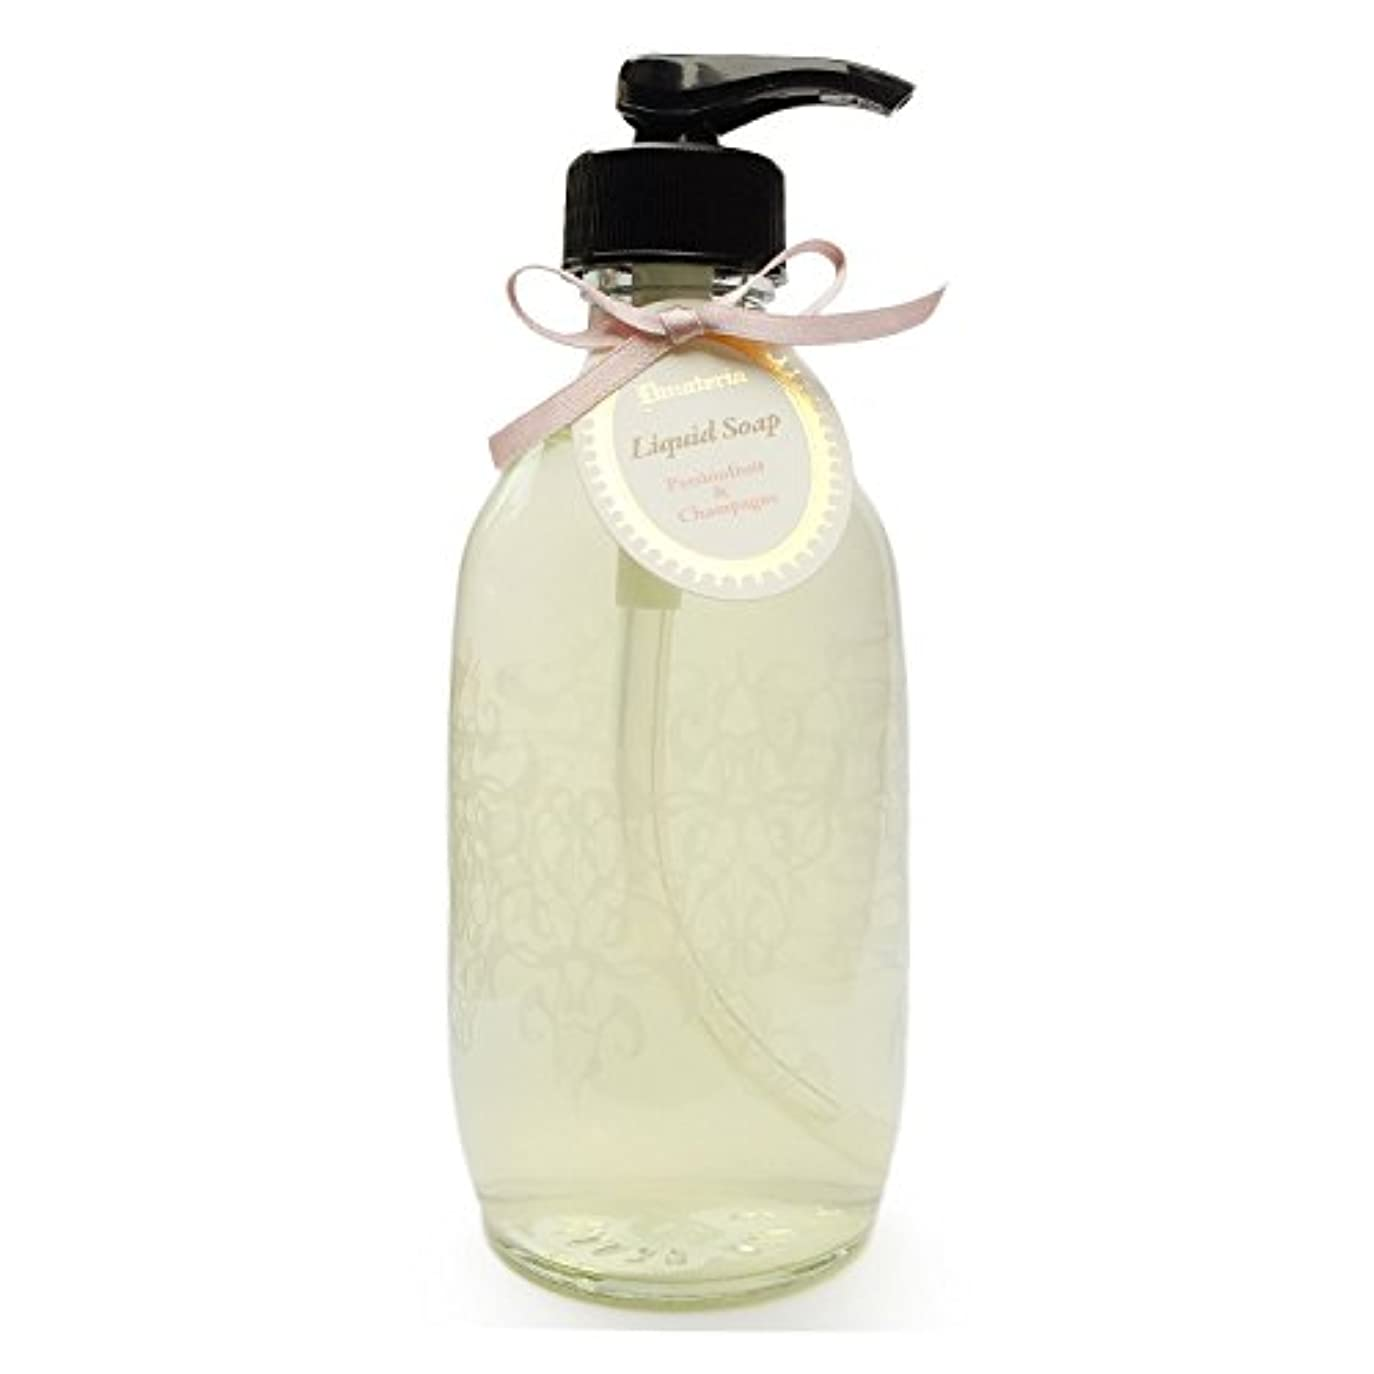 不承認好み神学校D materia リキッドソープ パッションフルーツ&シャンパン Passionfruit&Champagne Liquid Soap ディーマテリア